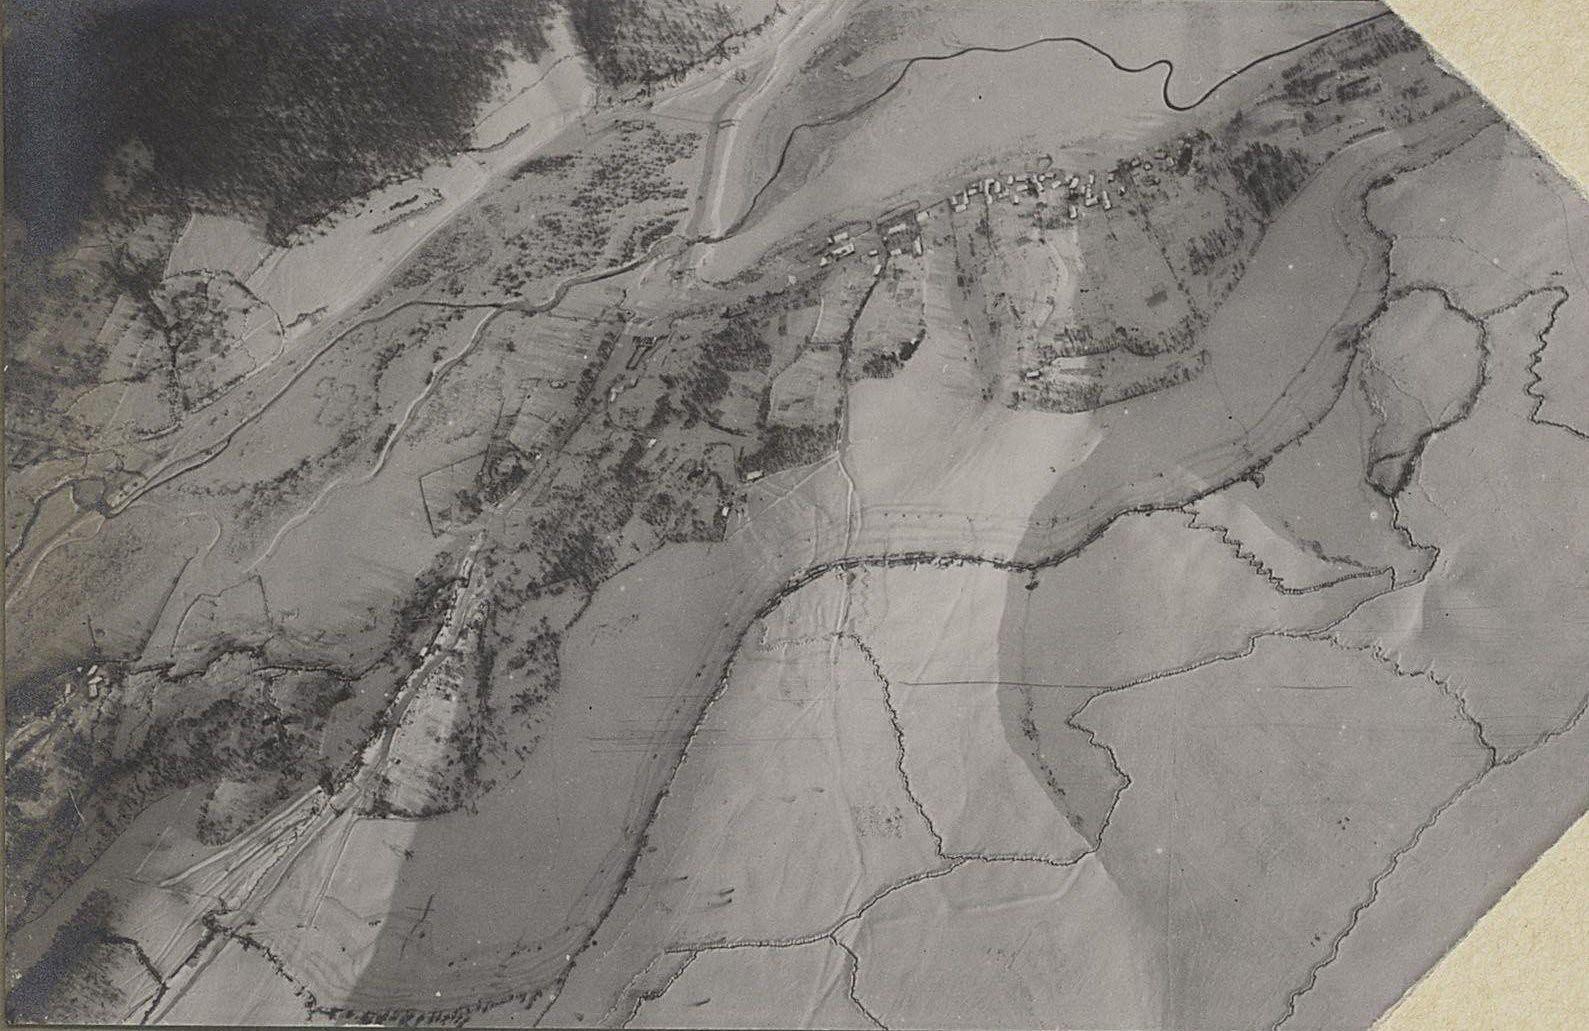 11. Австрийские окопы у старого Таража. Снято с аэроплана зимой